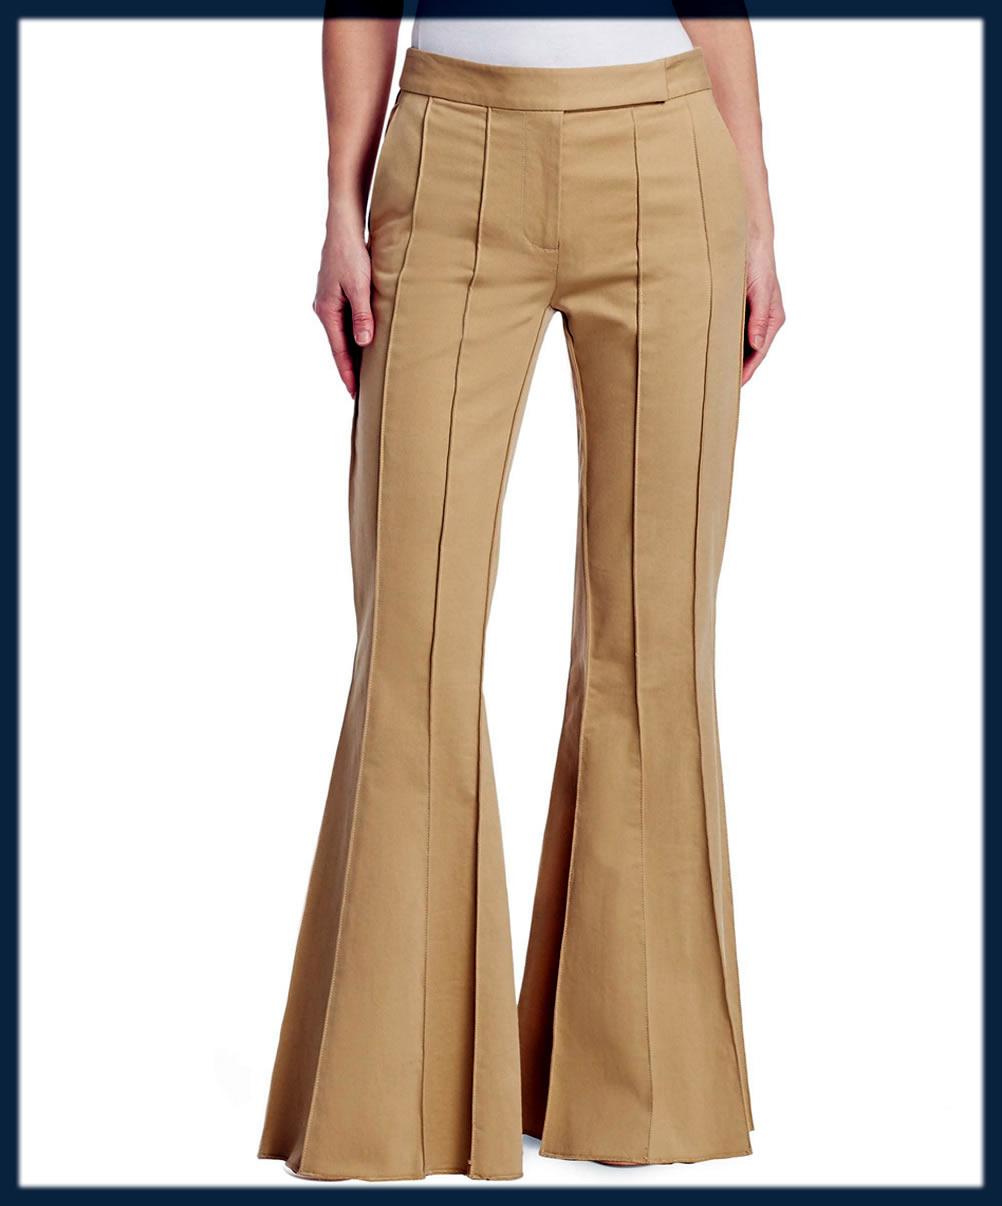 Khaki Flare Pant